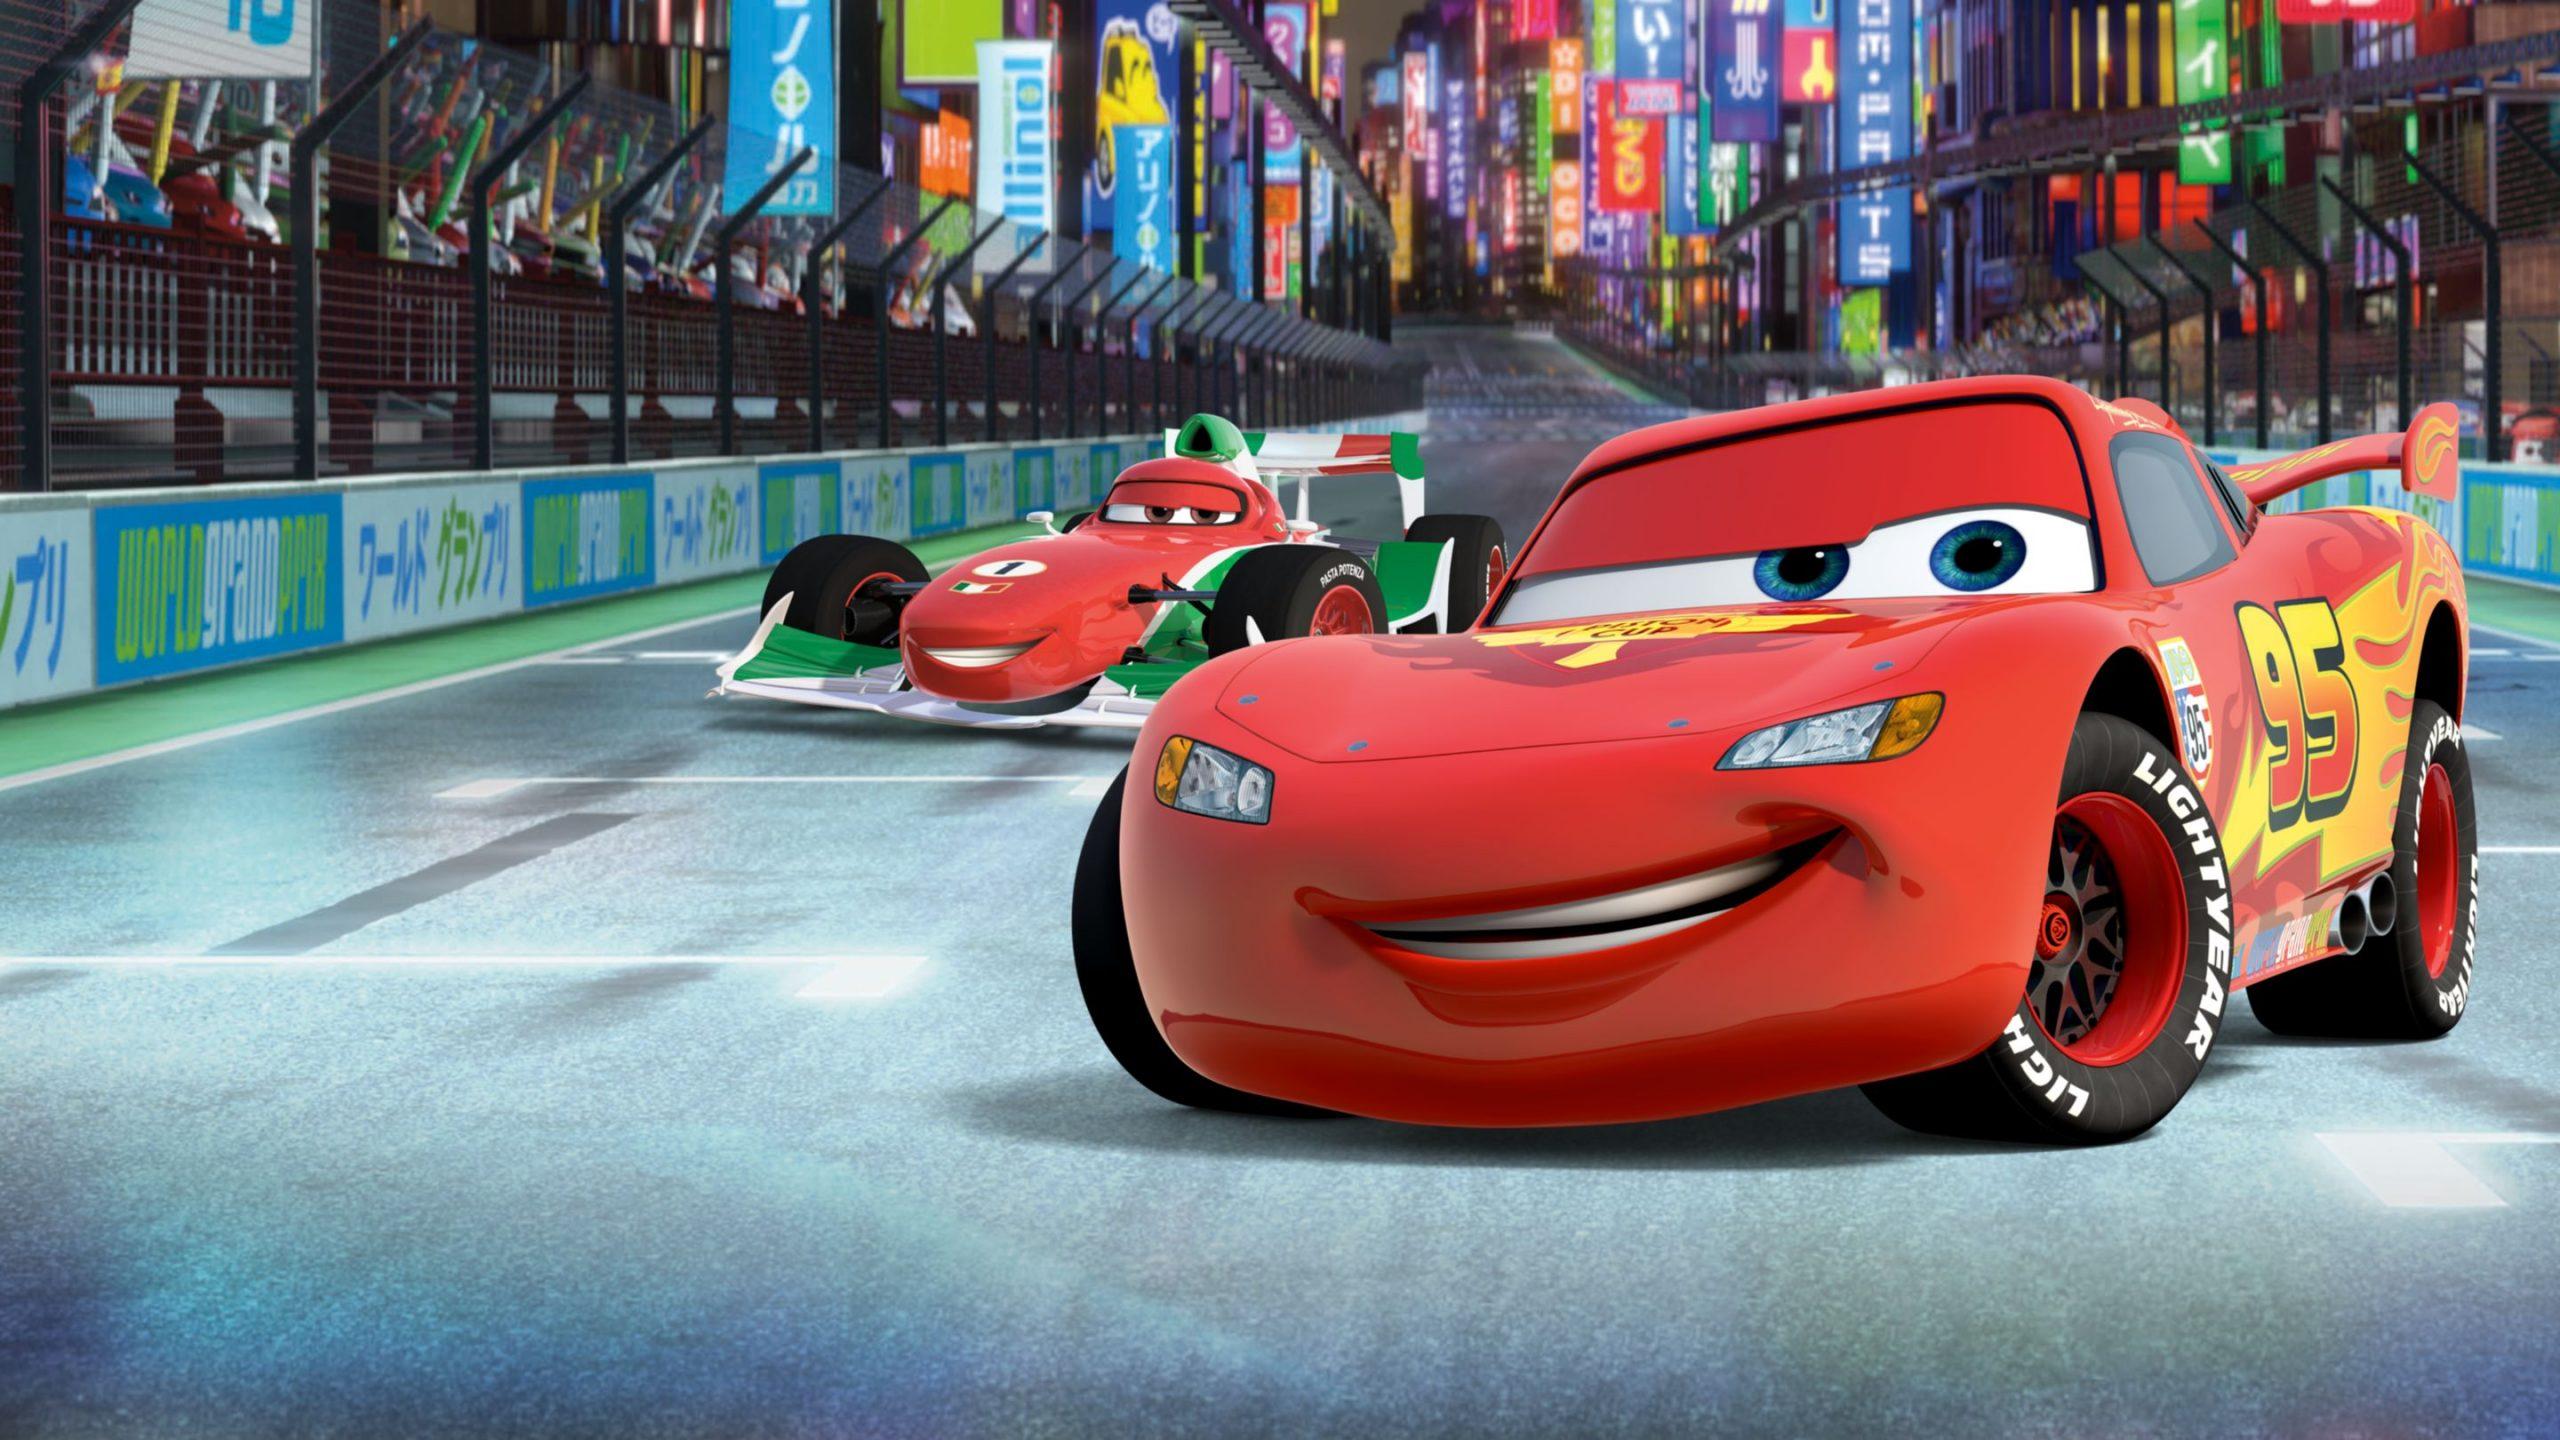 Cars 2, le film d'animation qui ravit les petits et les grands (qui sont encore petits à l'intérieur)